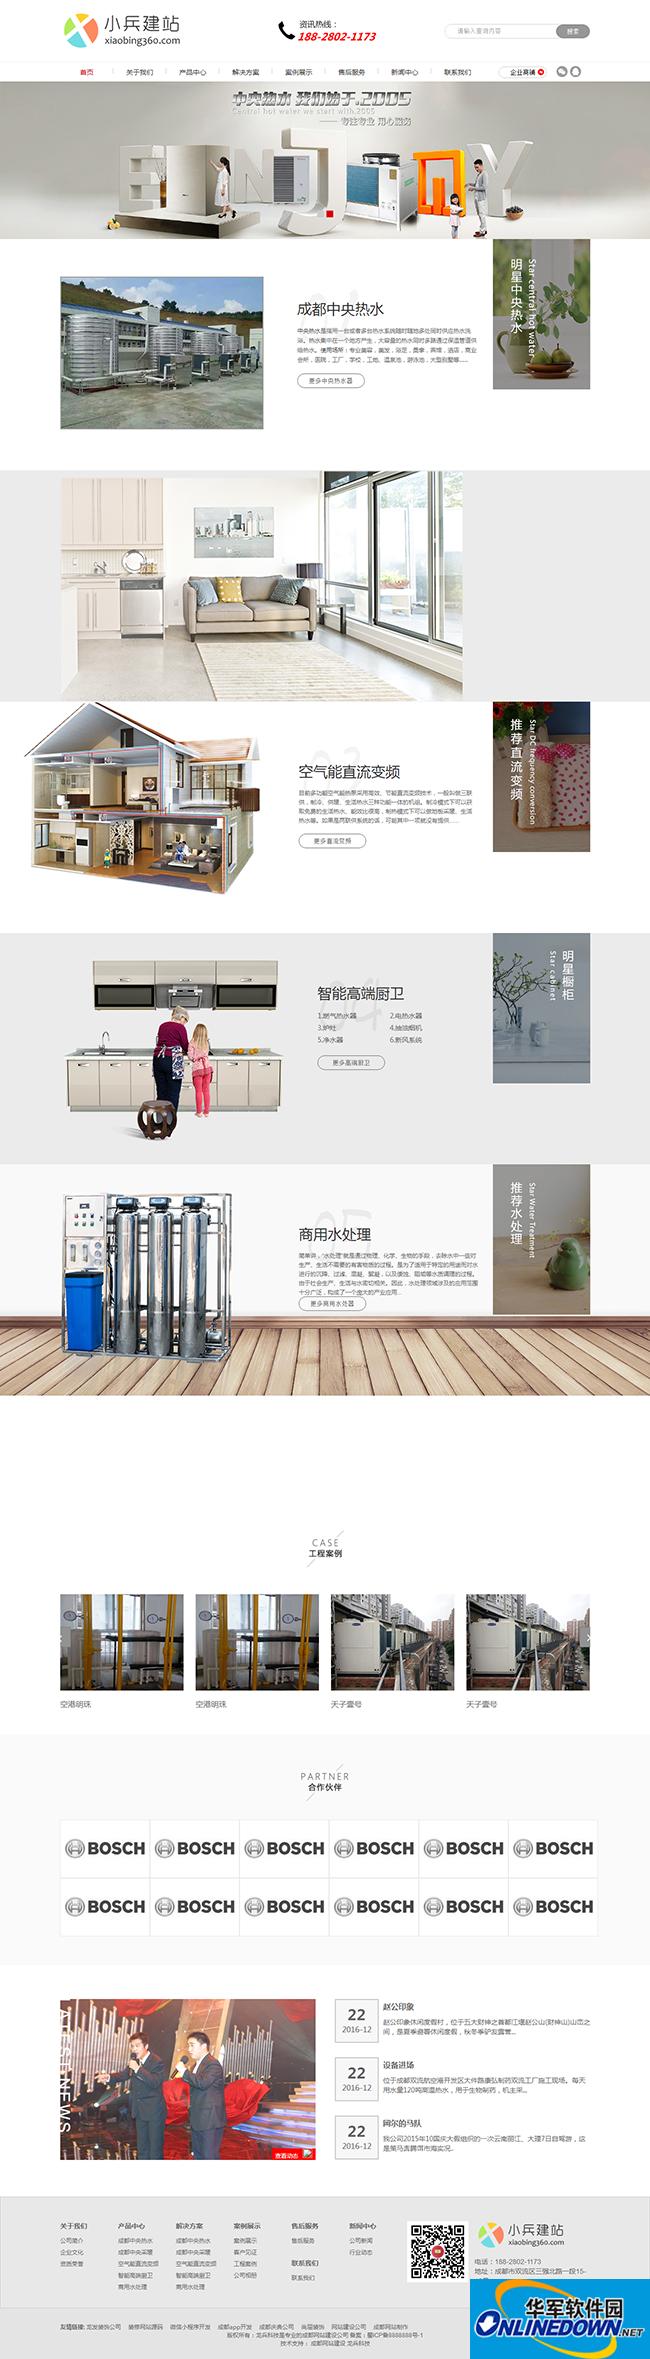 小兵建站橱柜网站模板源码